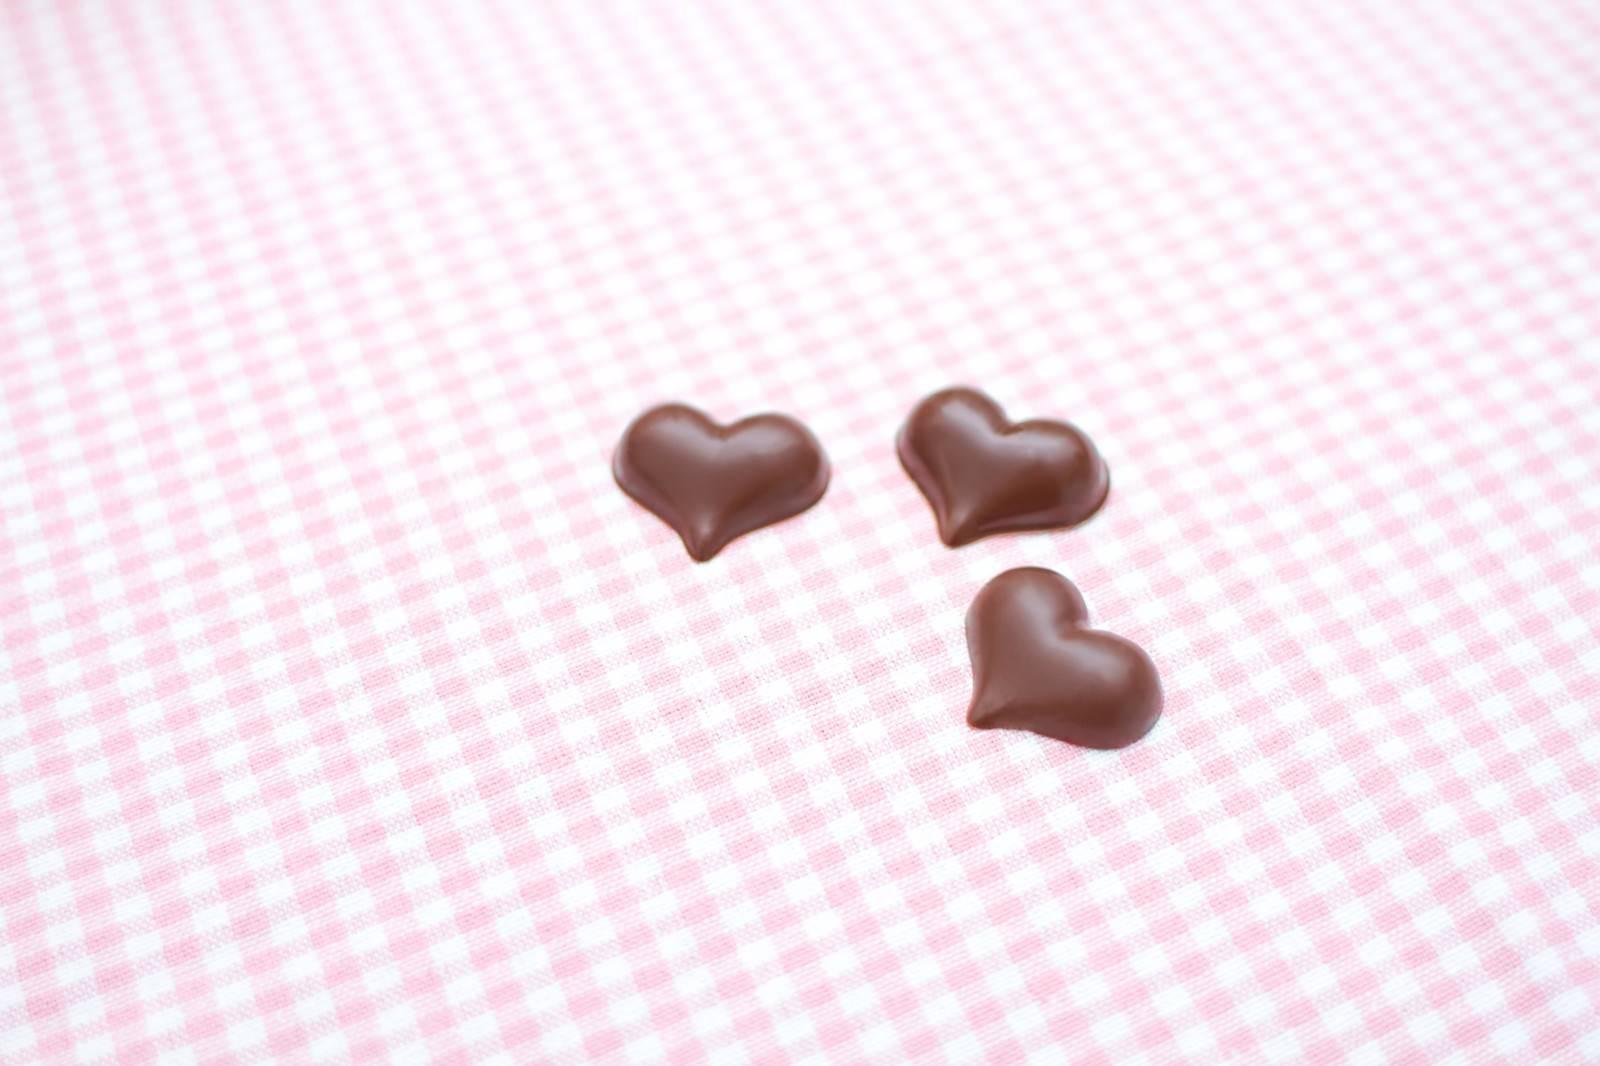 「ピンクのランチョンマットとハート型のチョコ」の写真